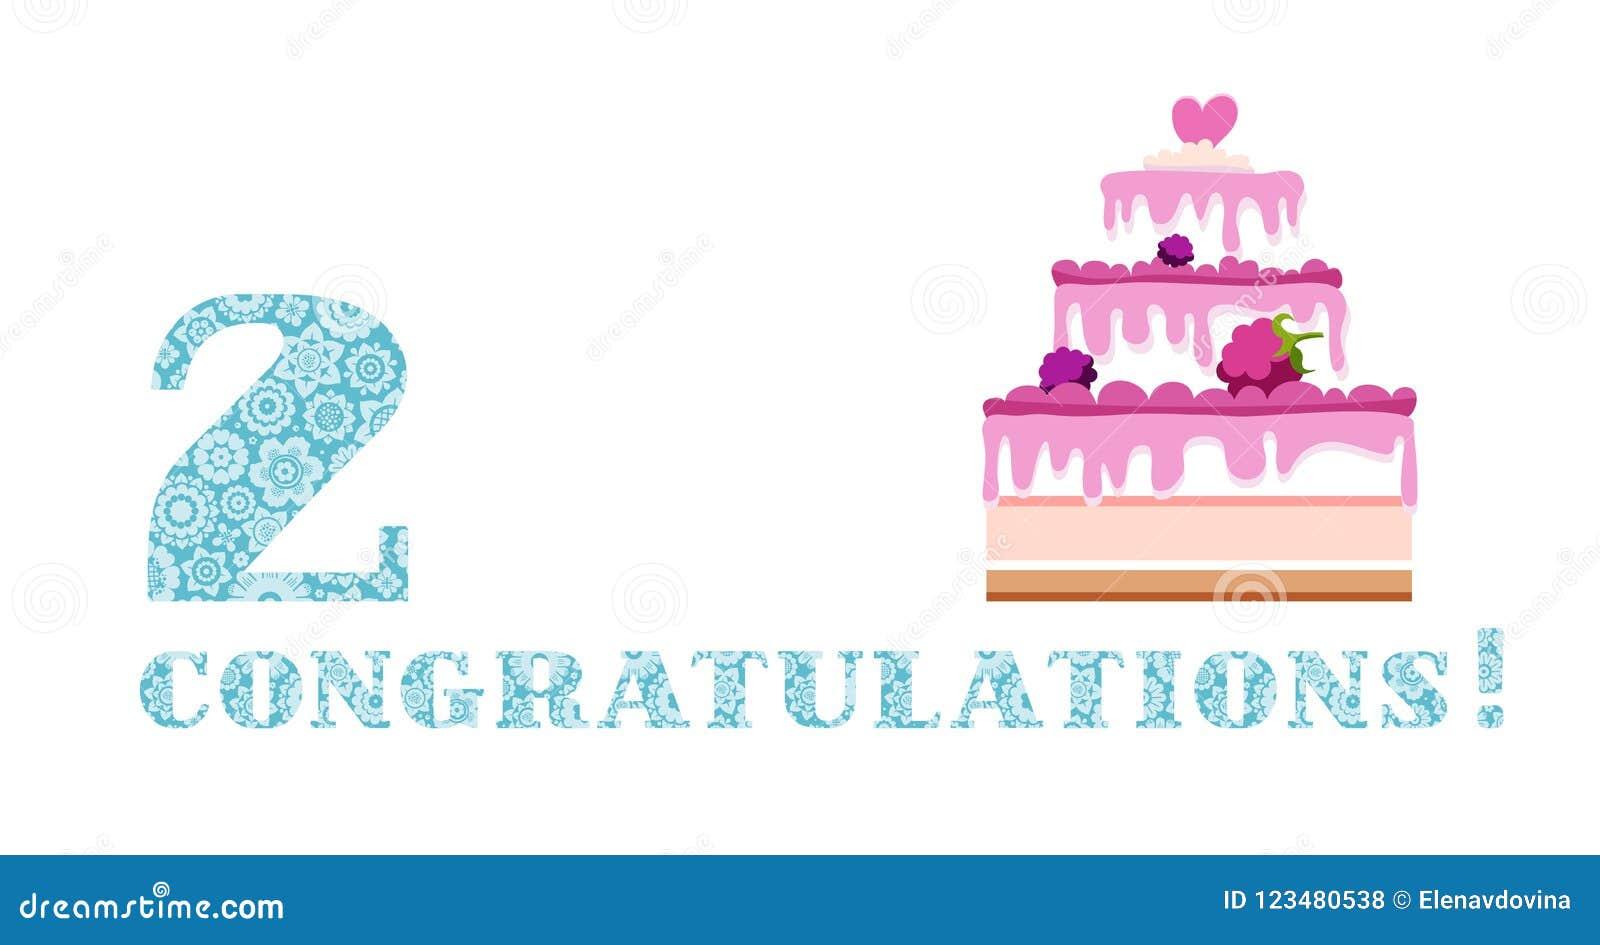 Anniversary Greetings 2 Years Berry Cake English White Blue